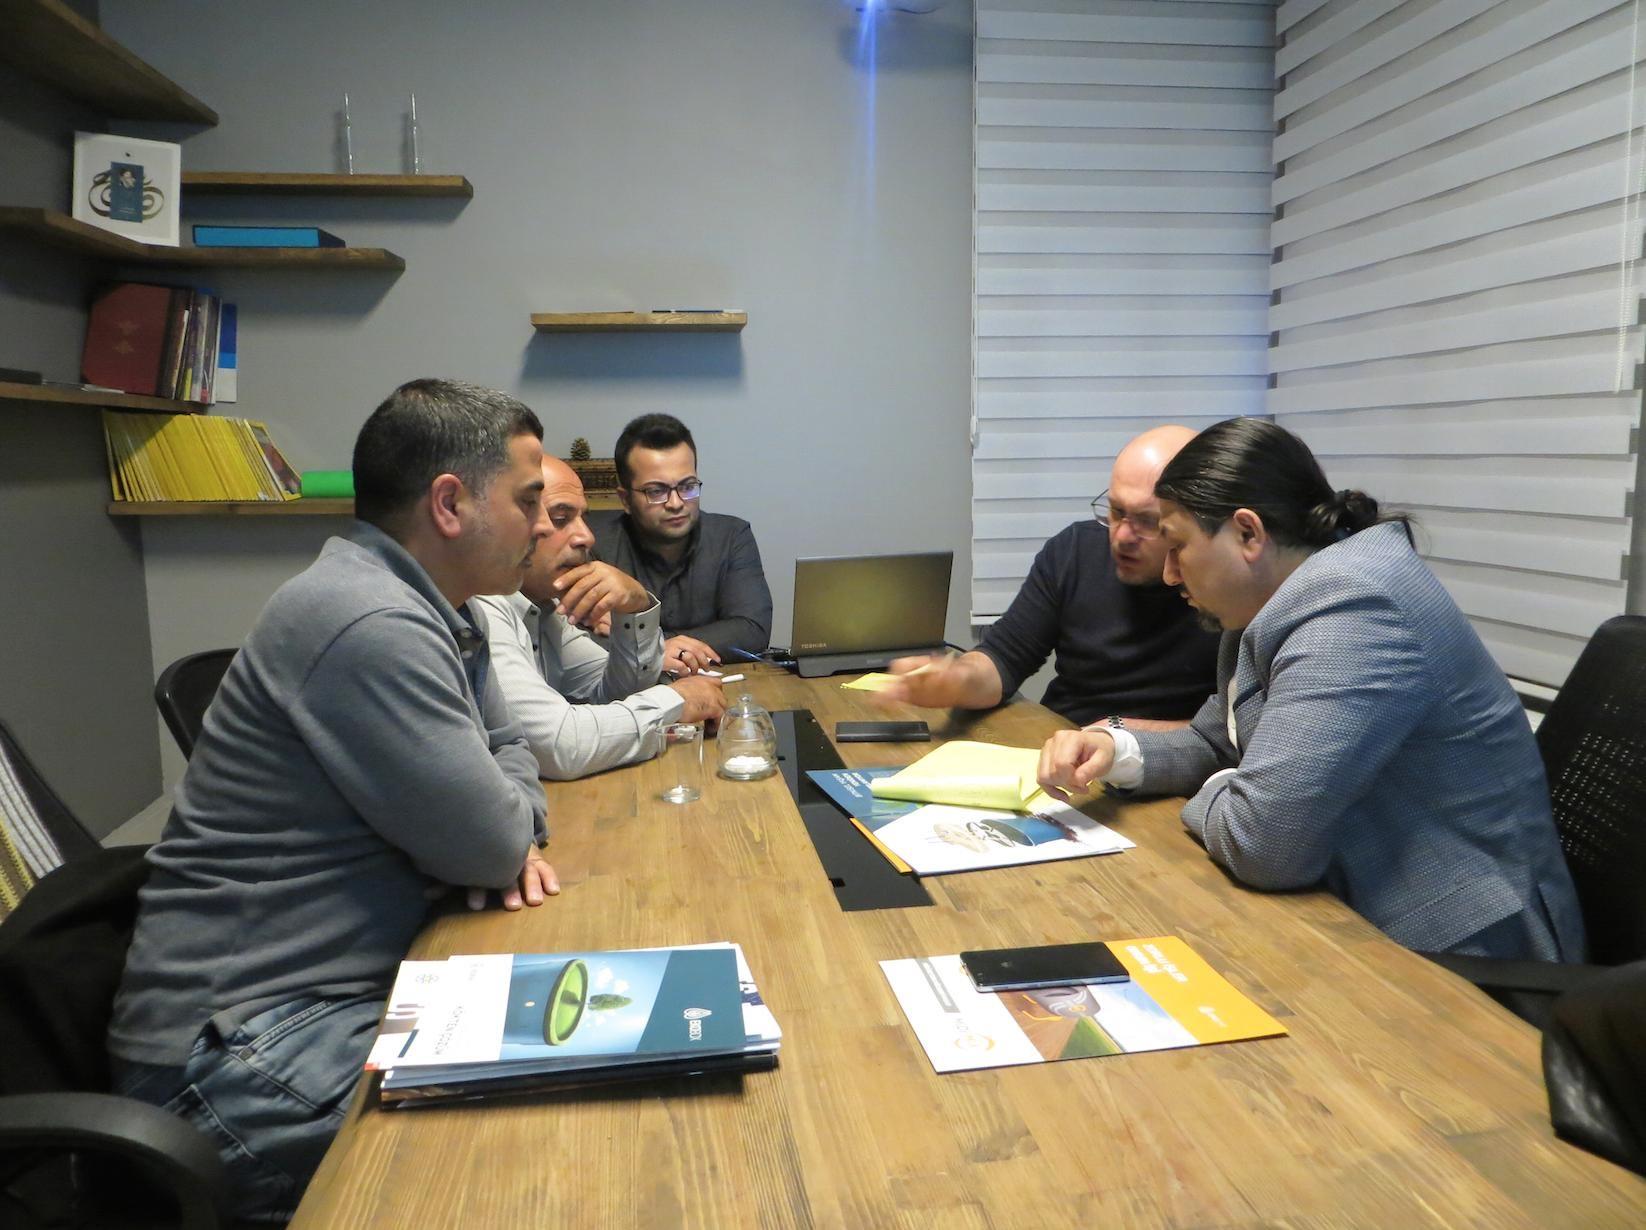 Filistin Ramallah'dan Ekobox distribitörlüğü için gelen misafirlerimizi ağırladık